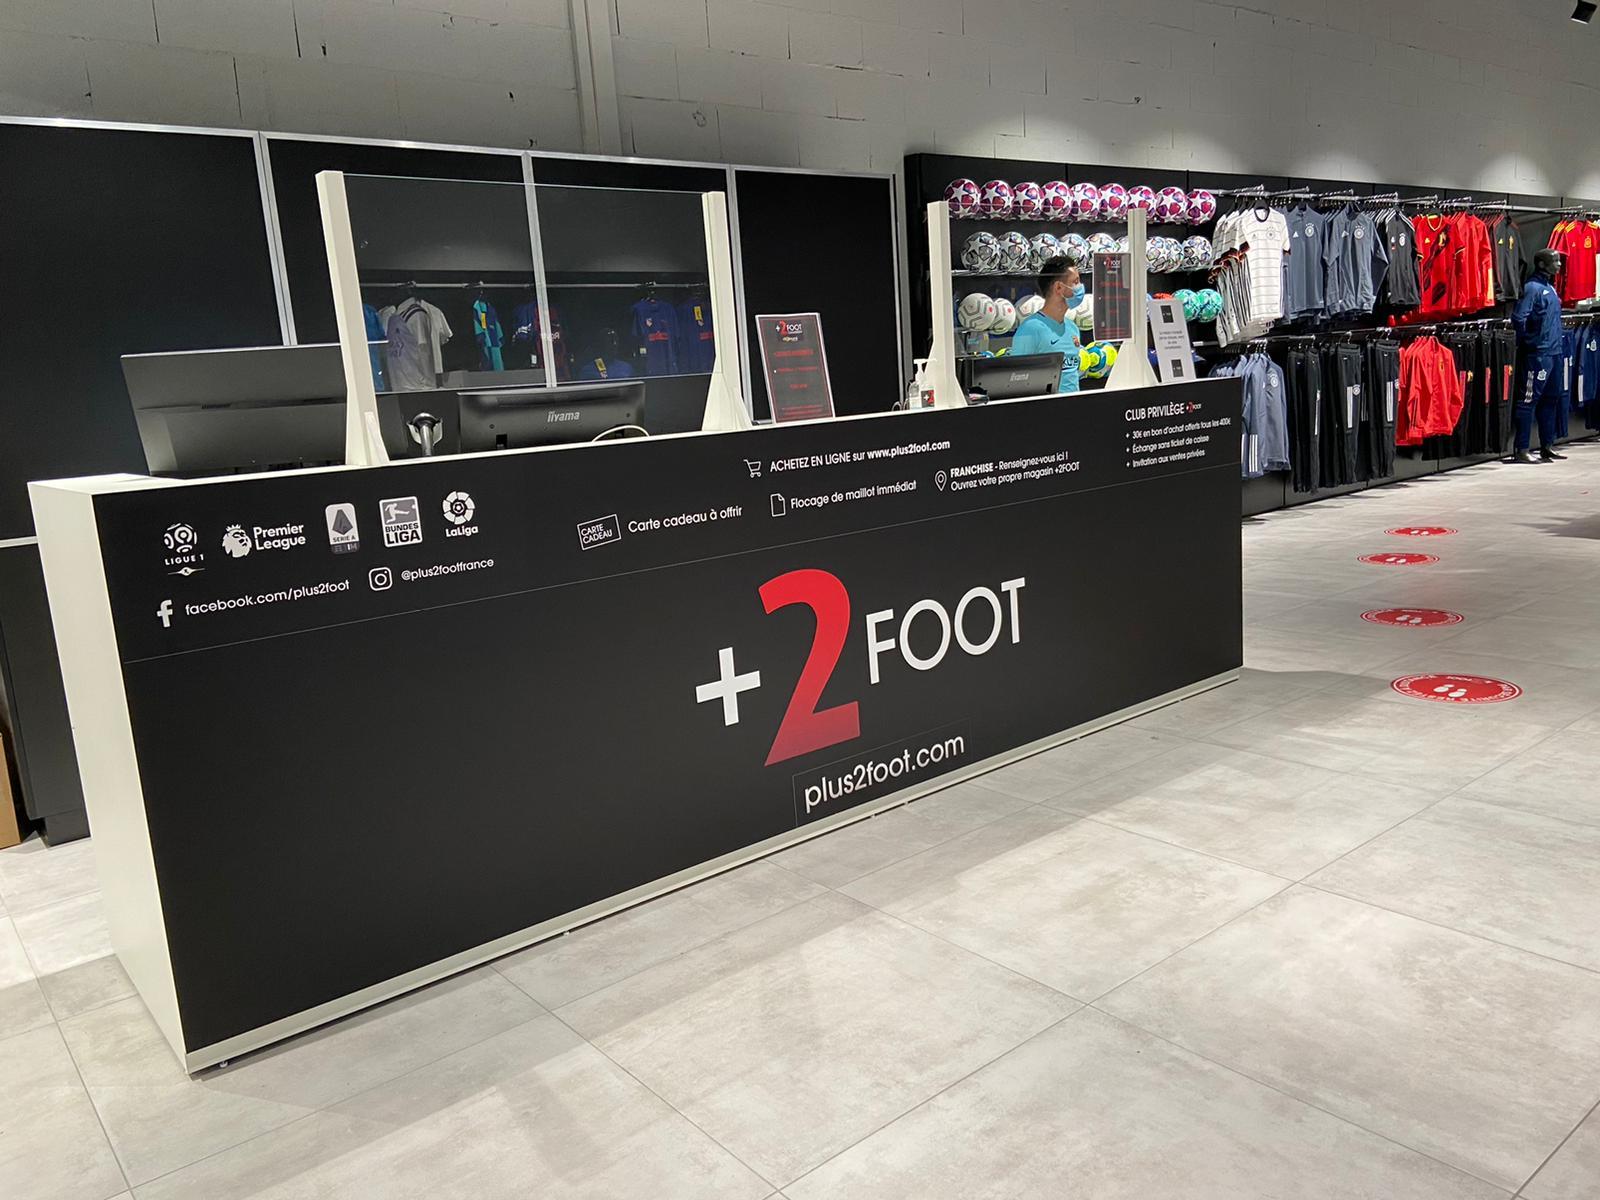 + 2 FOOT (2)